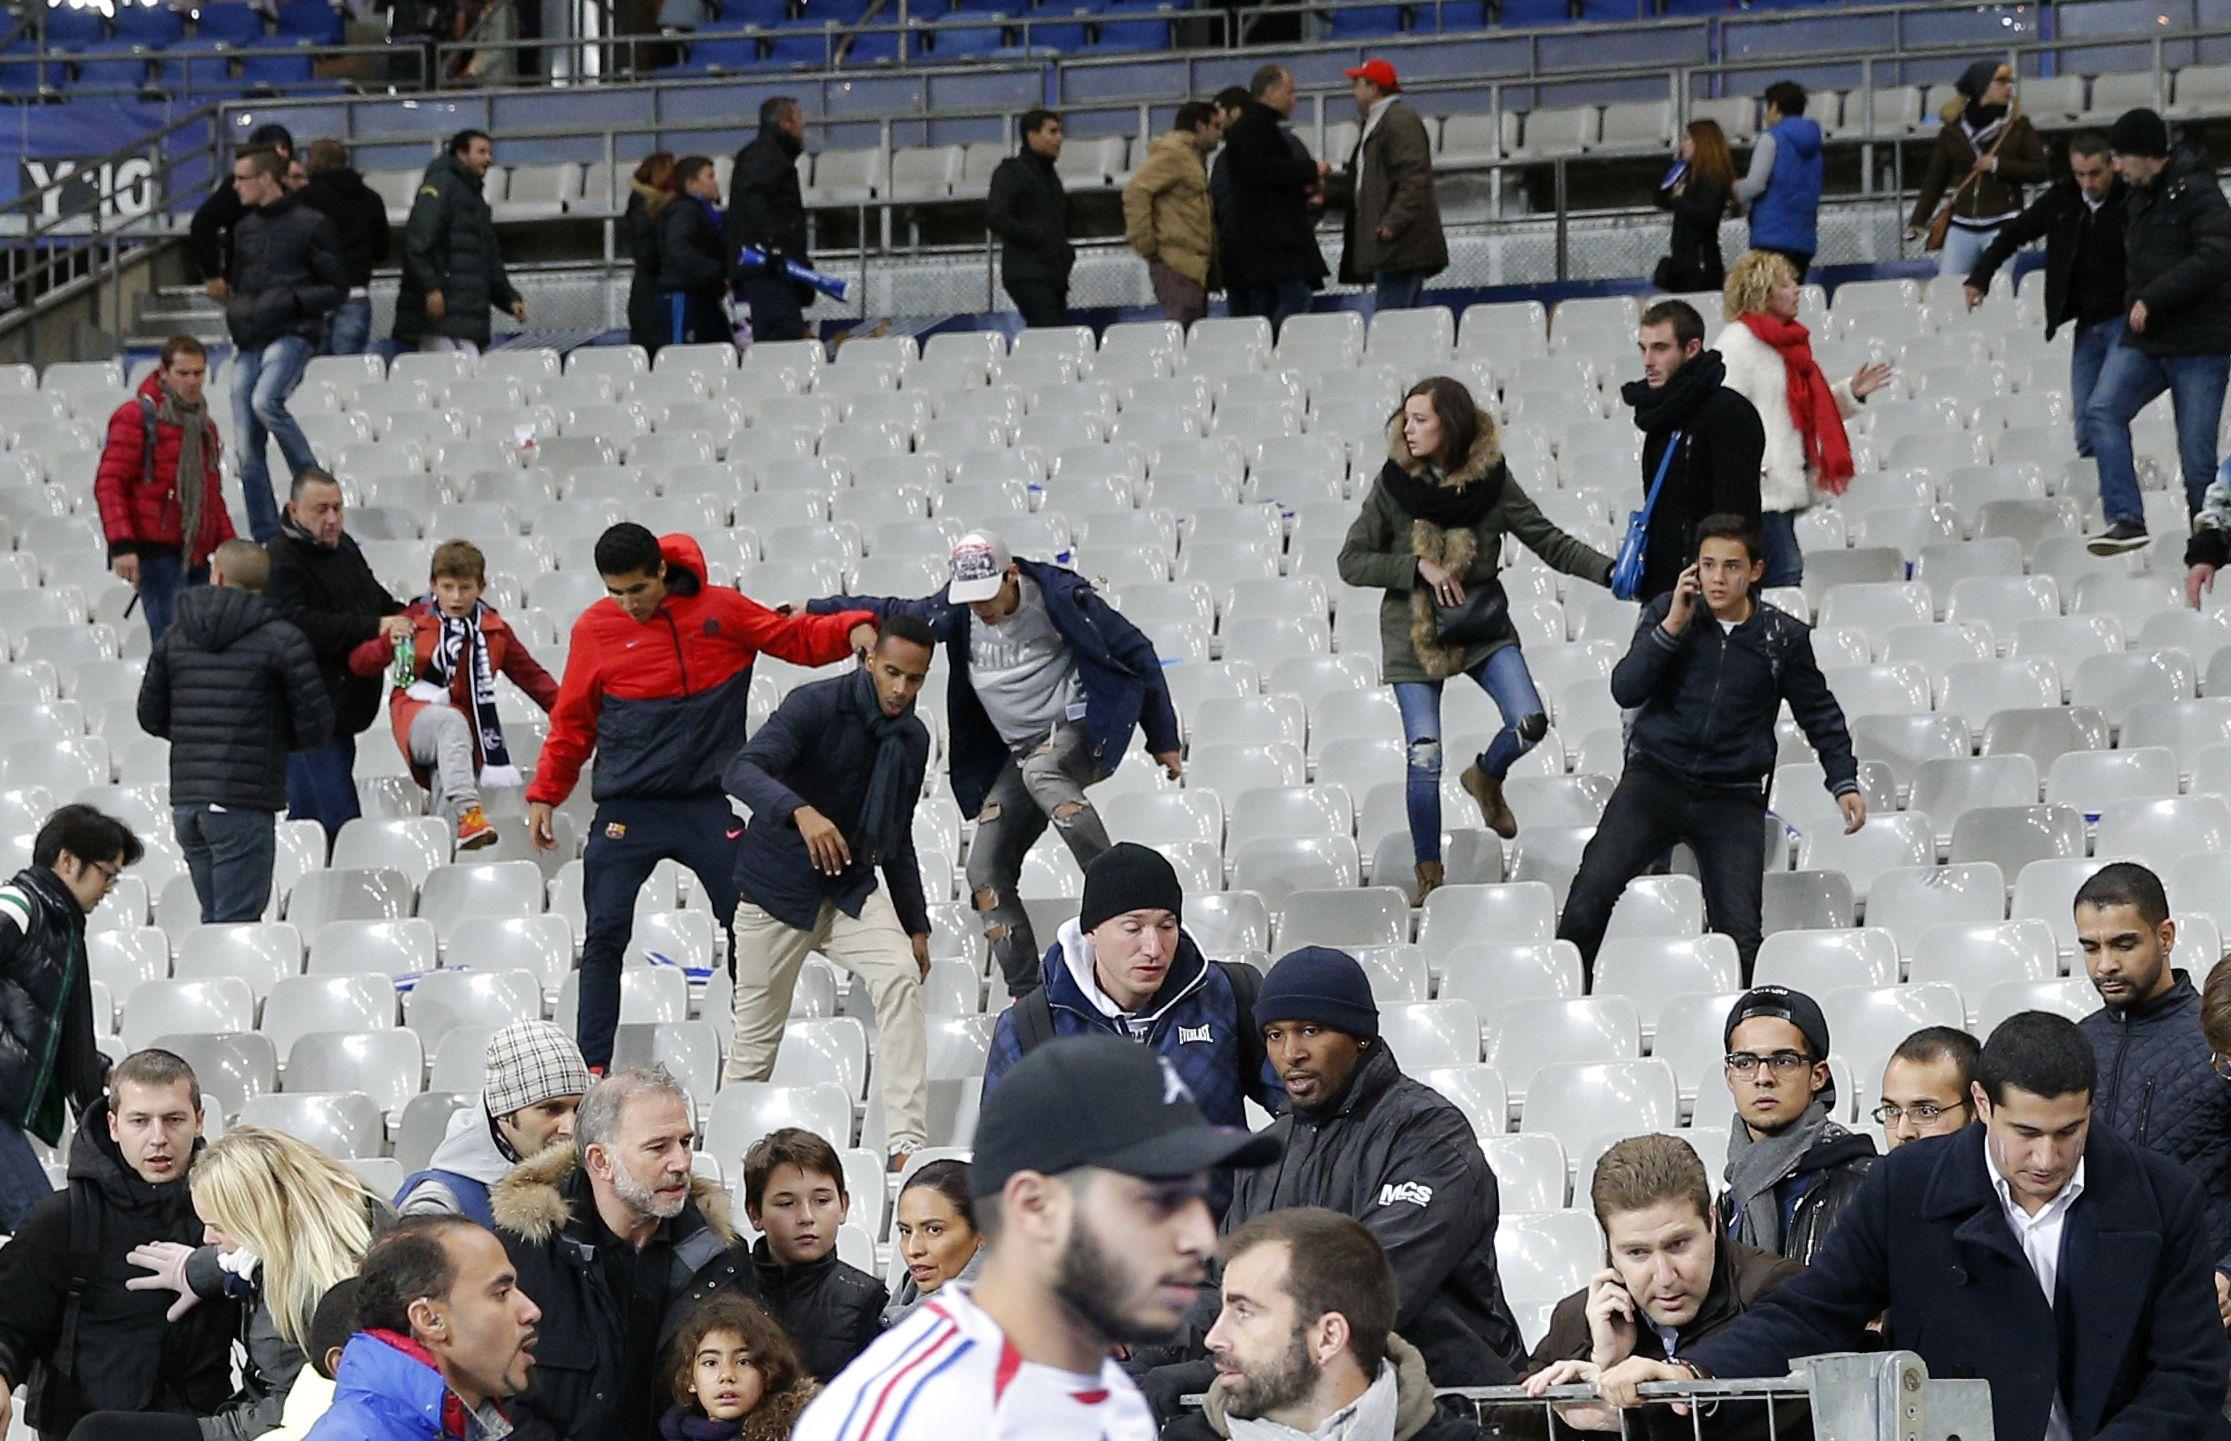 El caos entre los que estaban en el Estadio de Francia al conocerse que había habido ataques explosivos. (AP)